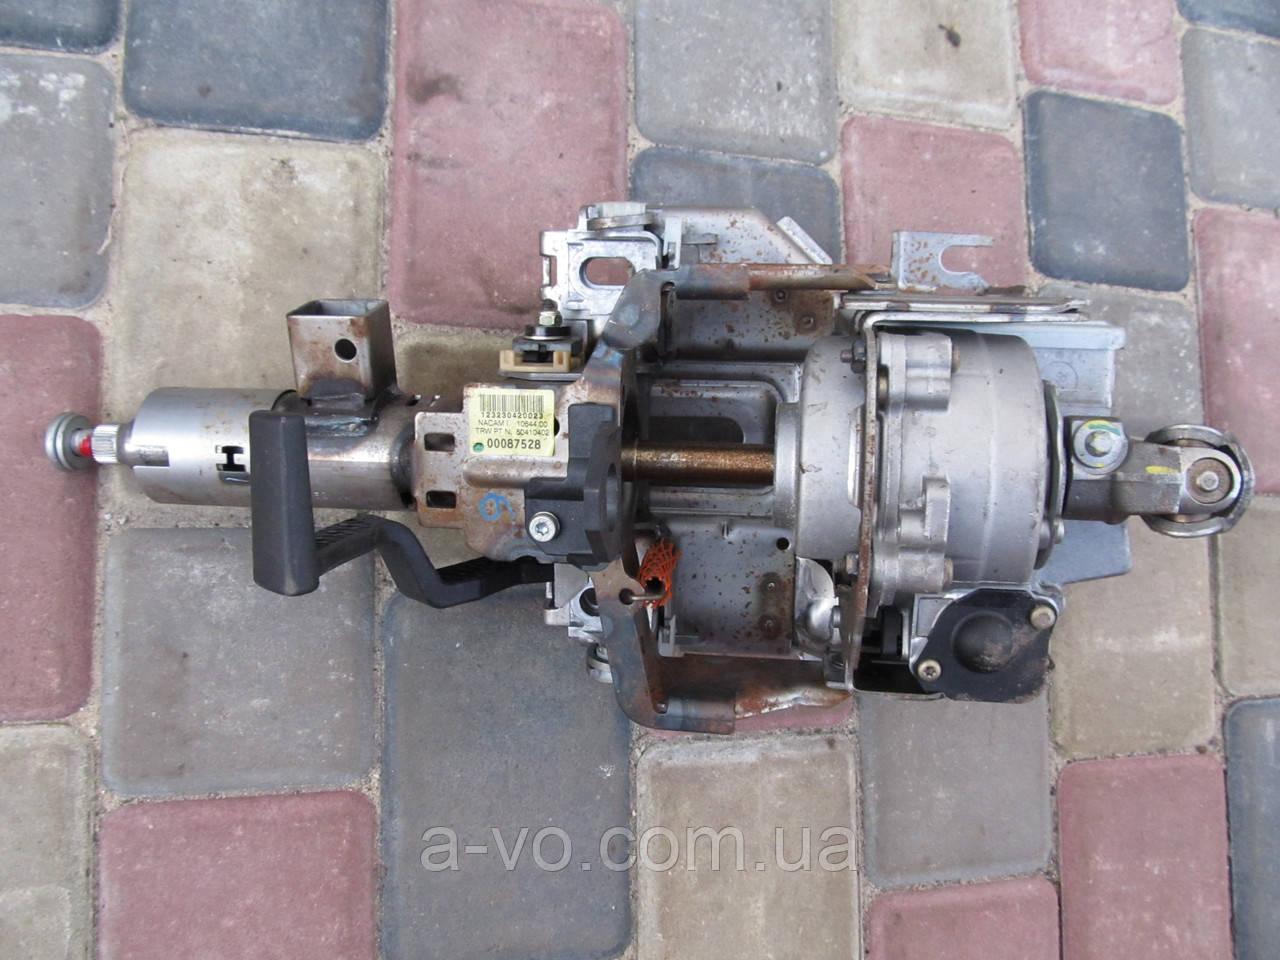 Электроусилитель рулевого управления для Renault Modus Grand Modus 8200433516D, 82 00 433 516 --D, 50300785